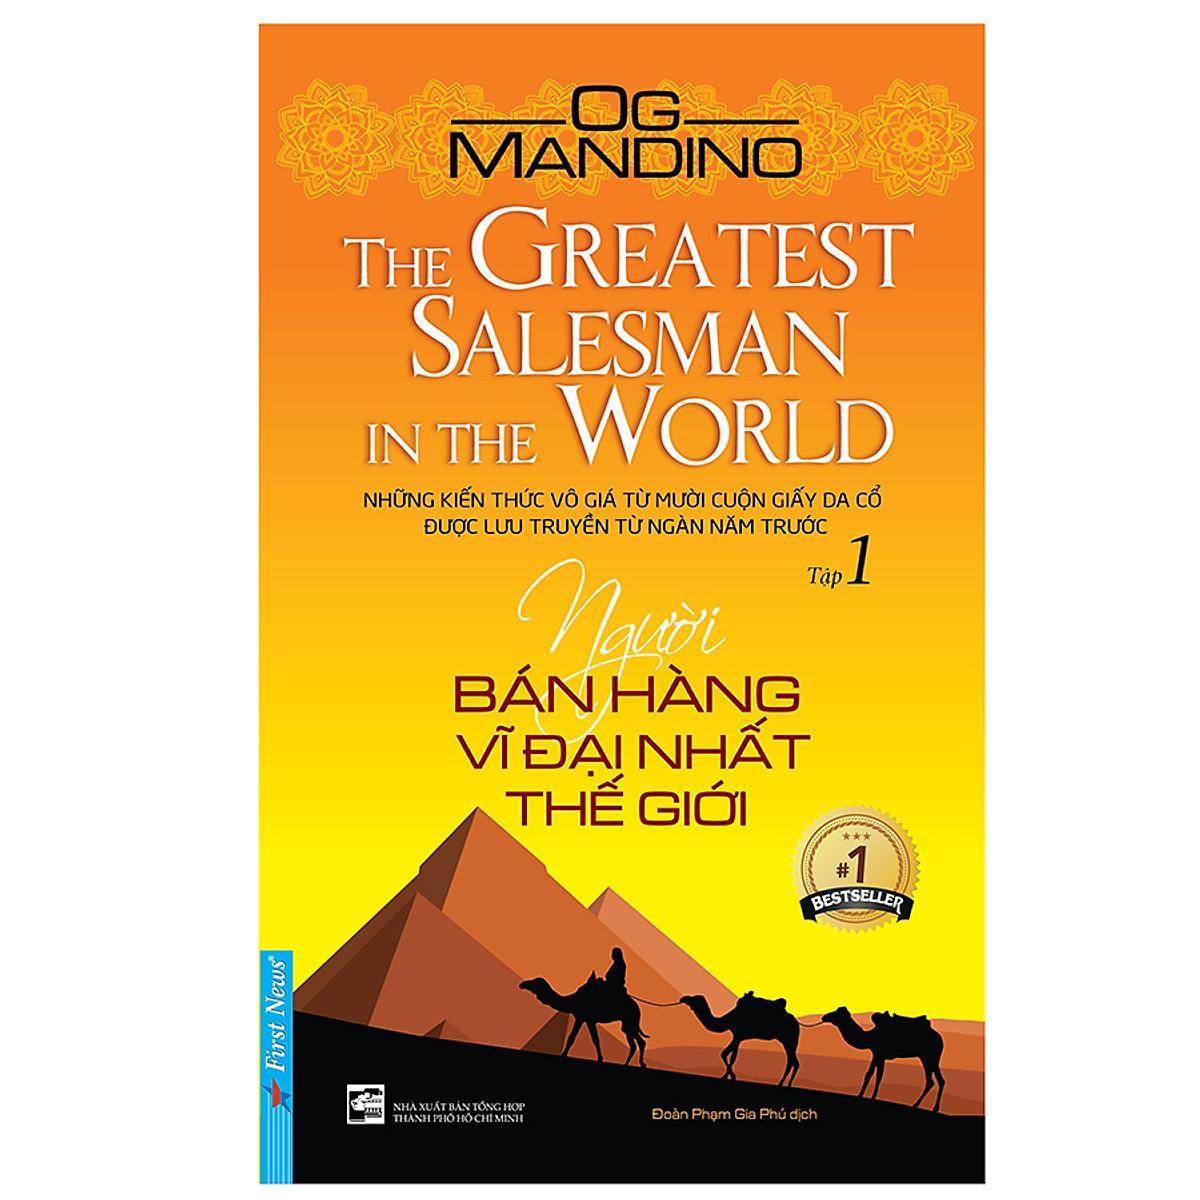 Đánh giá Sách Người bán hàng vĩ đại nhất thế giới Og Mandino